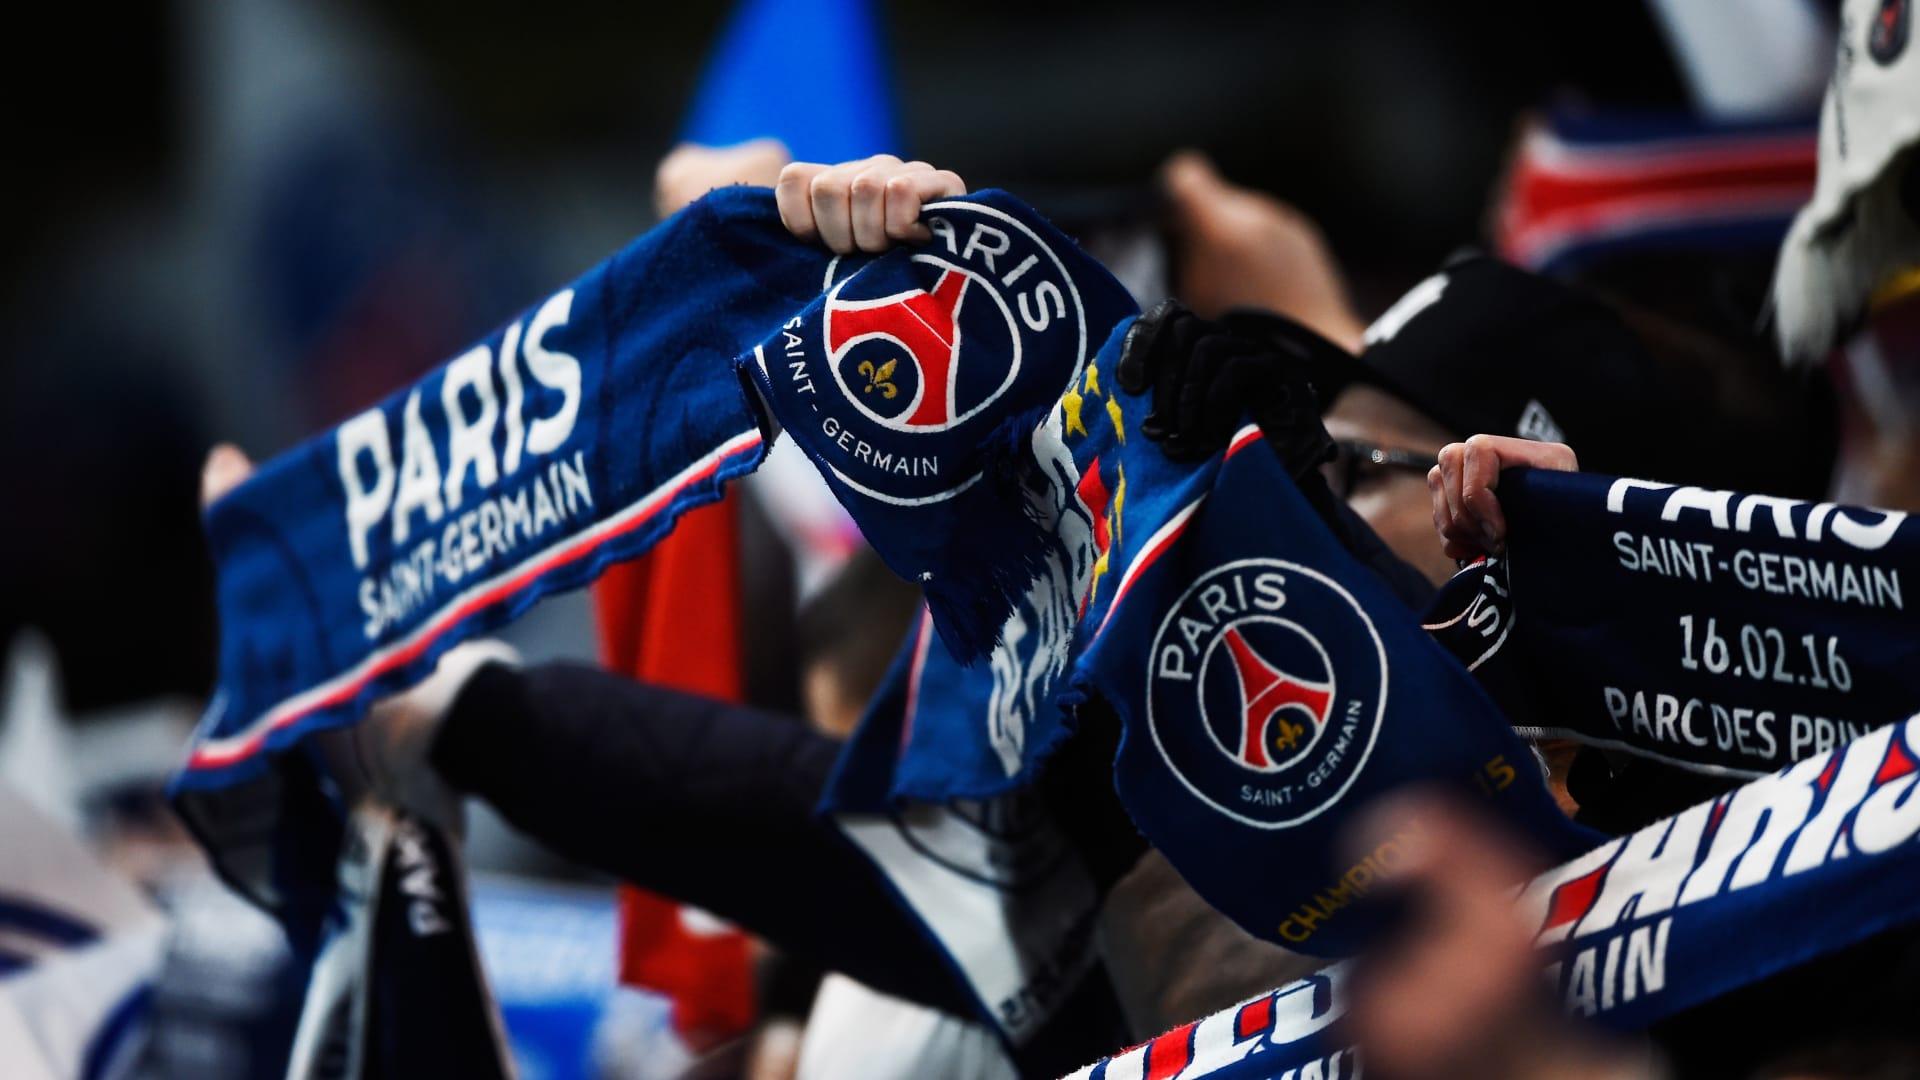 مشجعون لنادي باريس سان جيرمان يحملون أوشحة تحمل اسم فريقهم في المباراة أمام فريقهم.